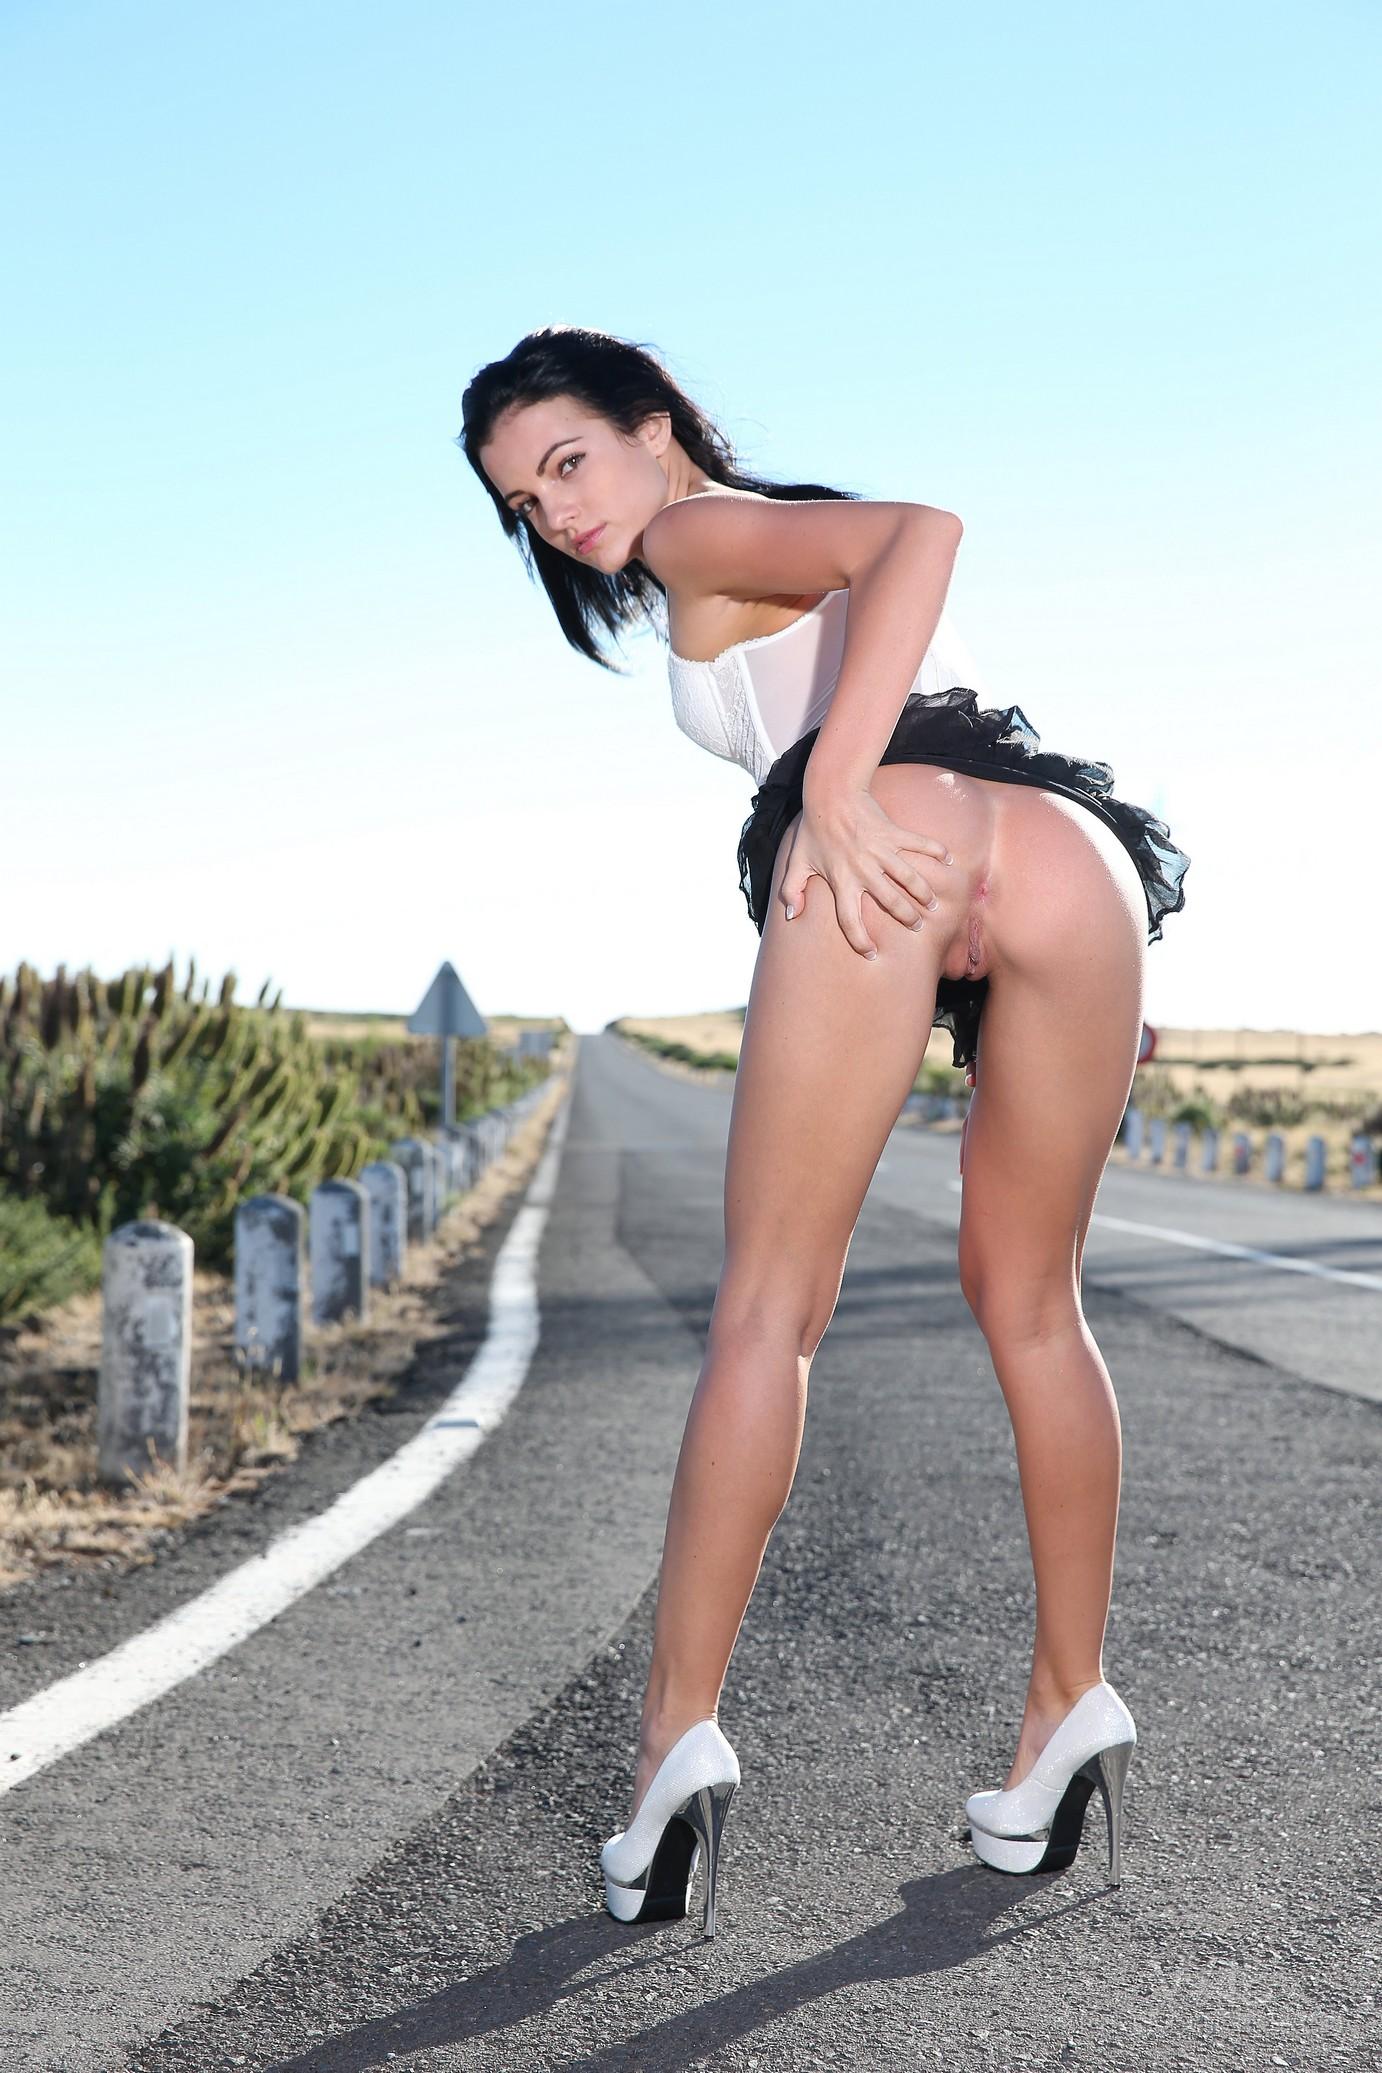 sapphira-naked-madeira-road-high-heels-brunette-w4b-04